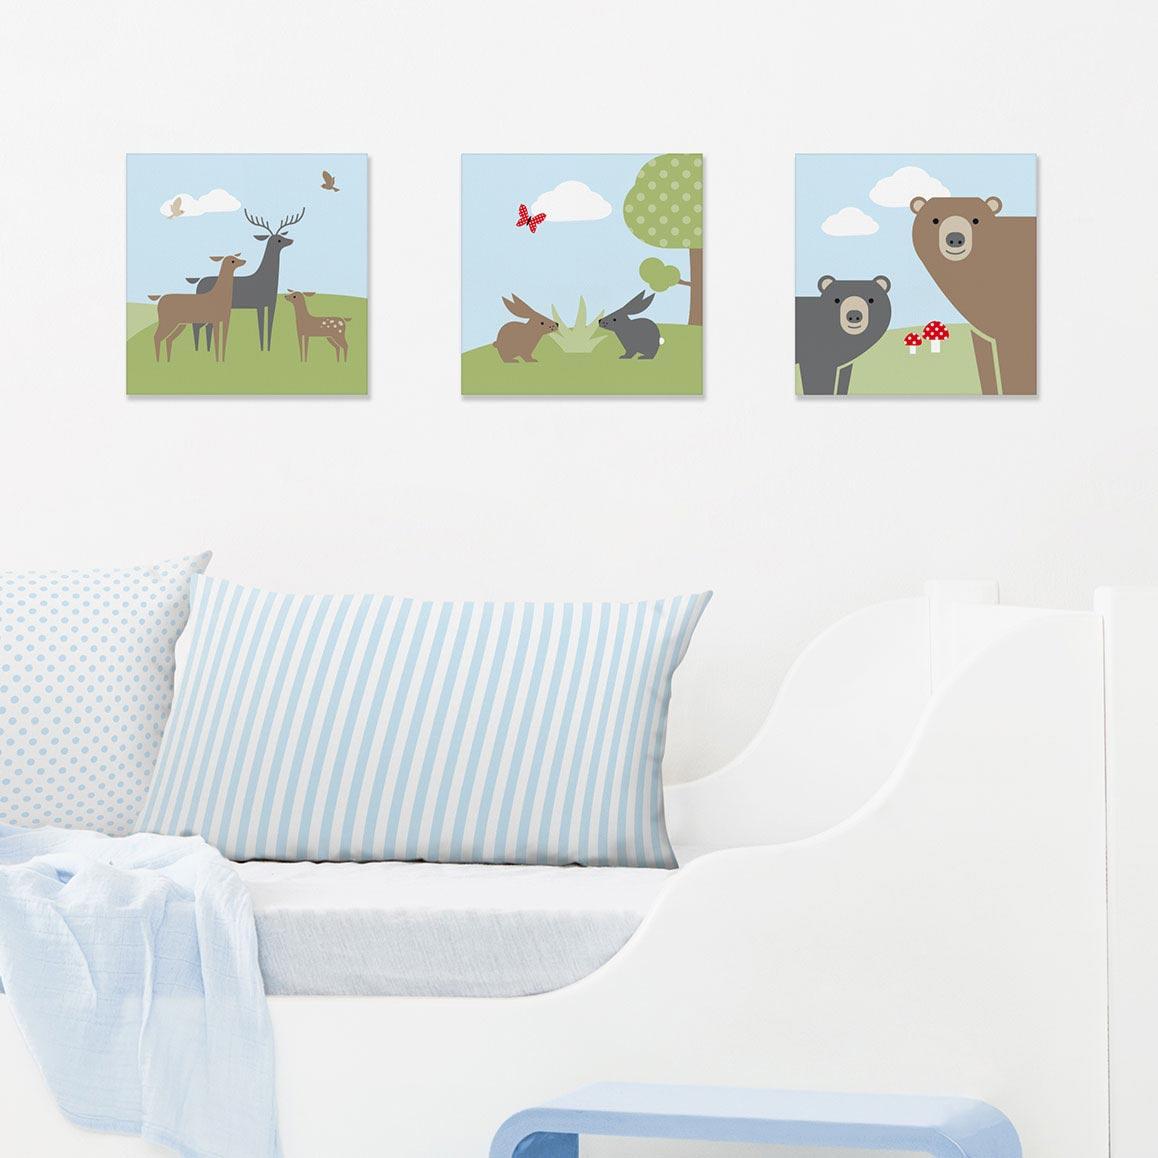 Bilder-Set mit Waldmotiven, Bears